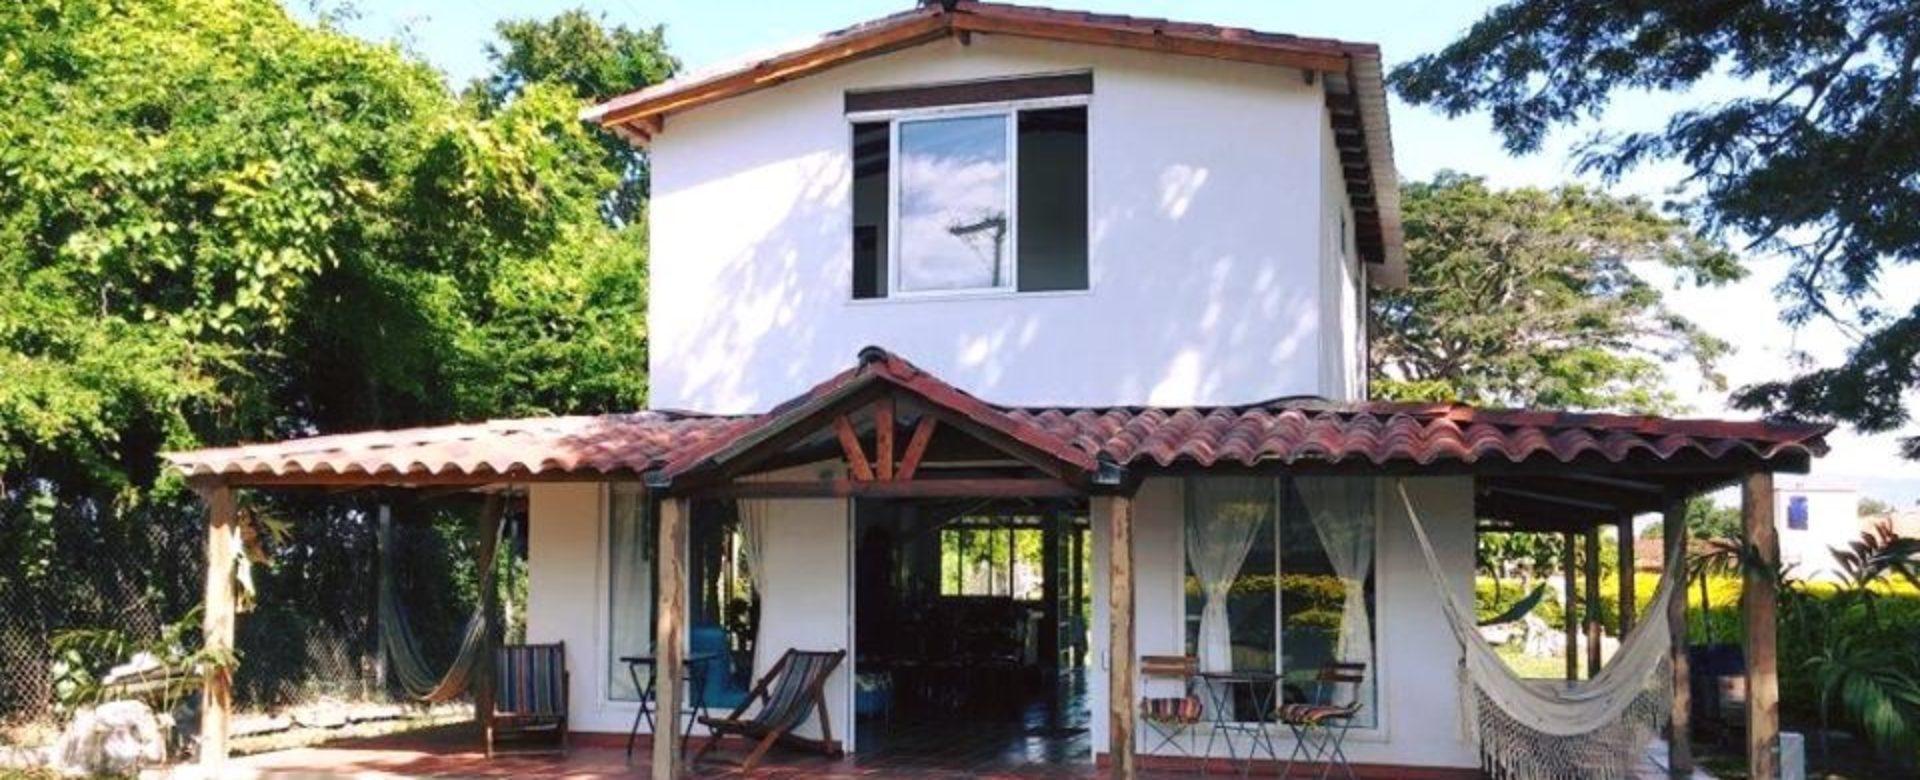 Casas Prefabricadas En Cali Y Valle Del Cauca Casas Jb